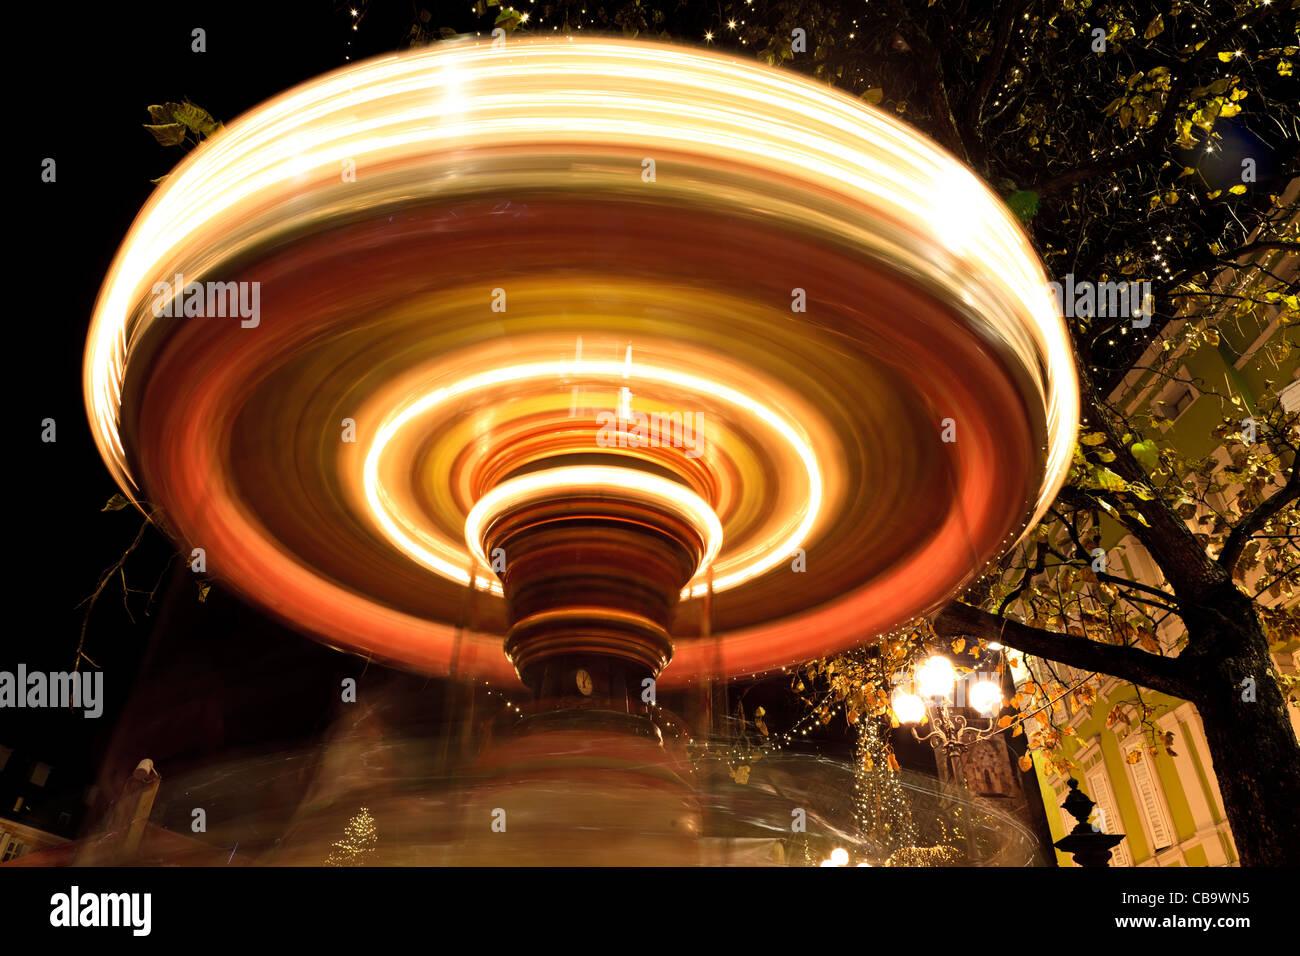 Carousel at night, Bolzano, Alto Adige, Italy - Stock Image